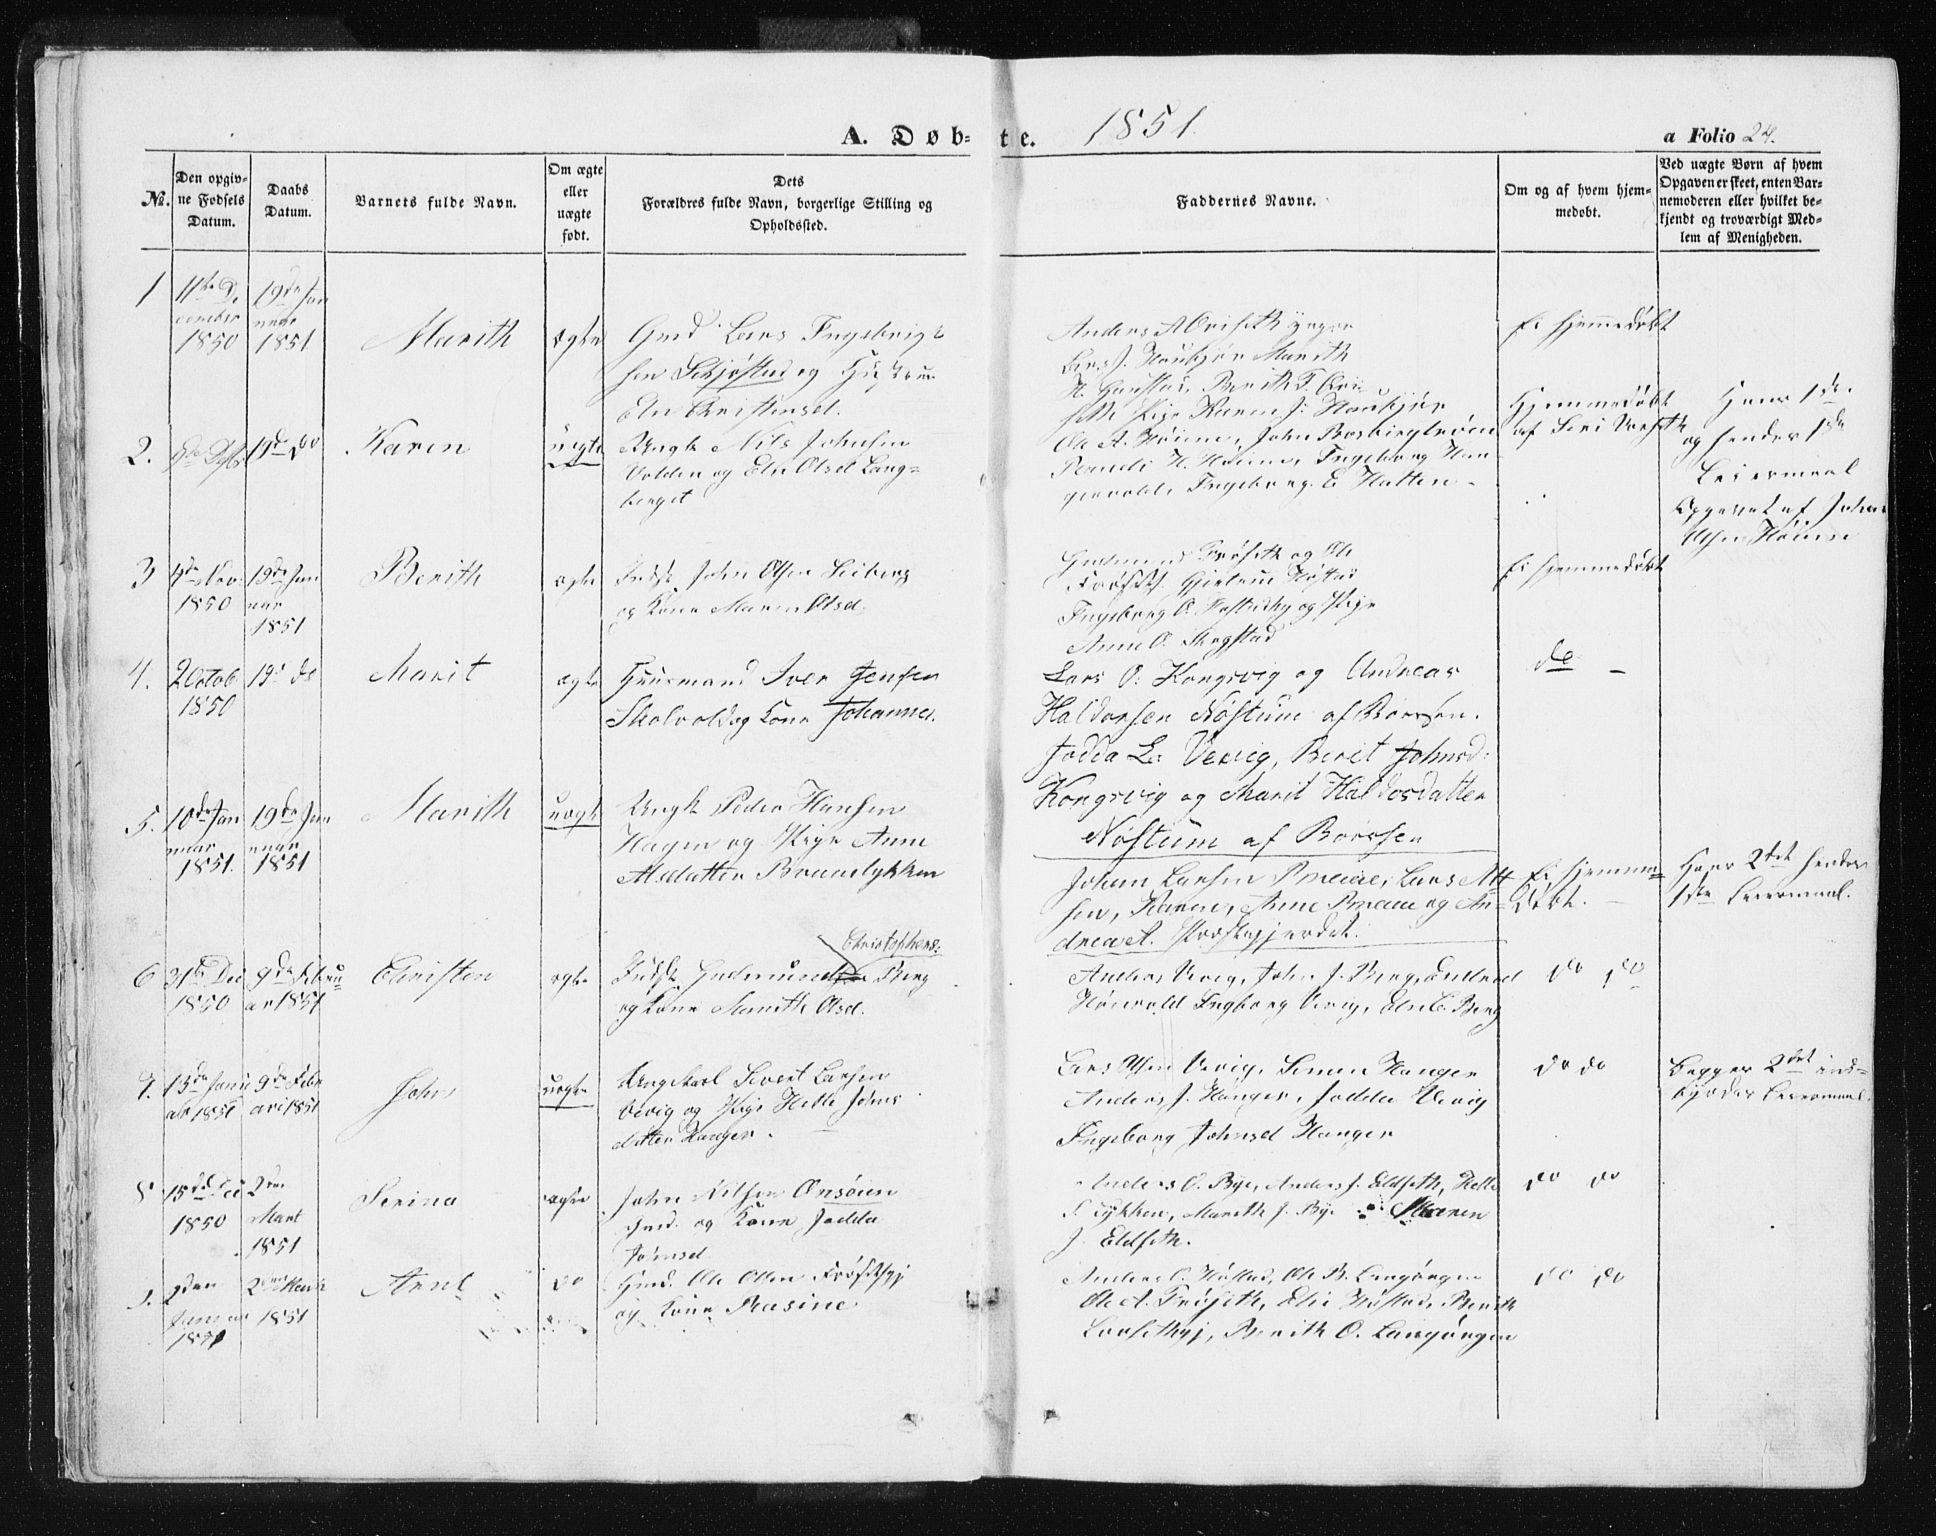 SAT, Ministerialprotokoller, klokkerbøker og fødselsregistre - Sør-Trøndelag, 612/L0376: Ministerialbok nr. 612A08, 1846-1859, s. 24